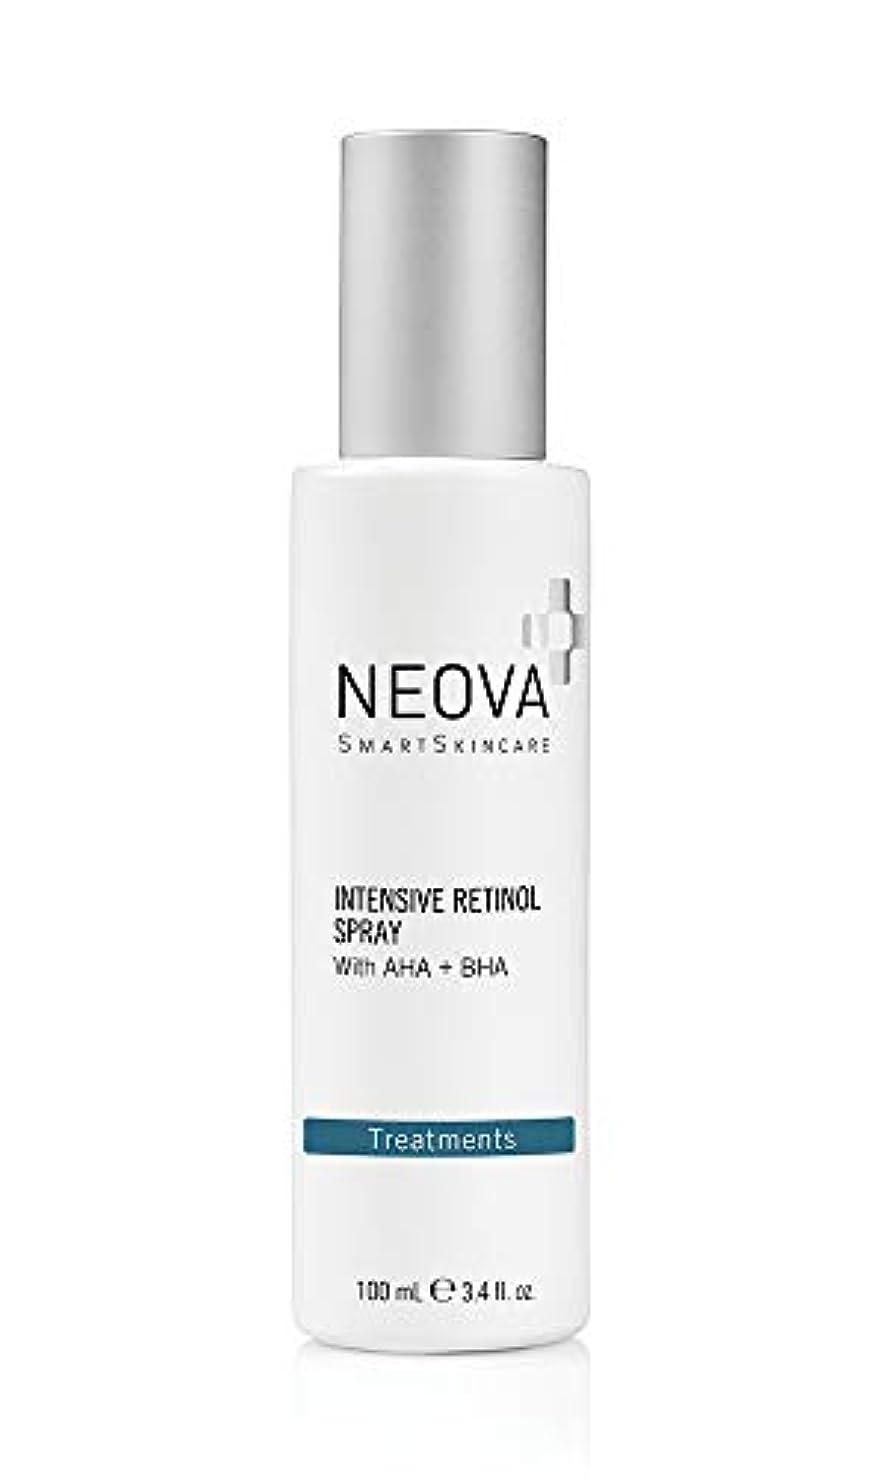 ケージ便利さ不調和ネオバ Treatments - Intensive Retinol Spray 100ml/3.4oz並行輸入品